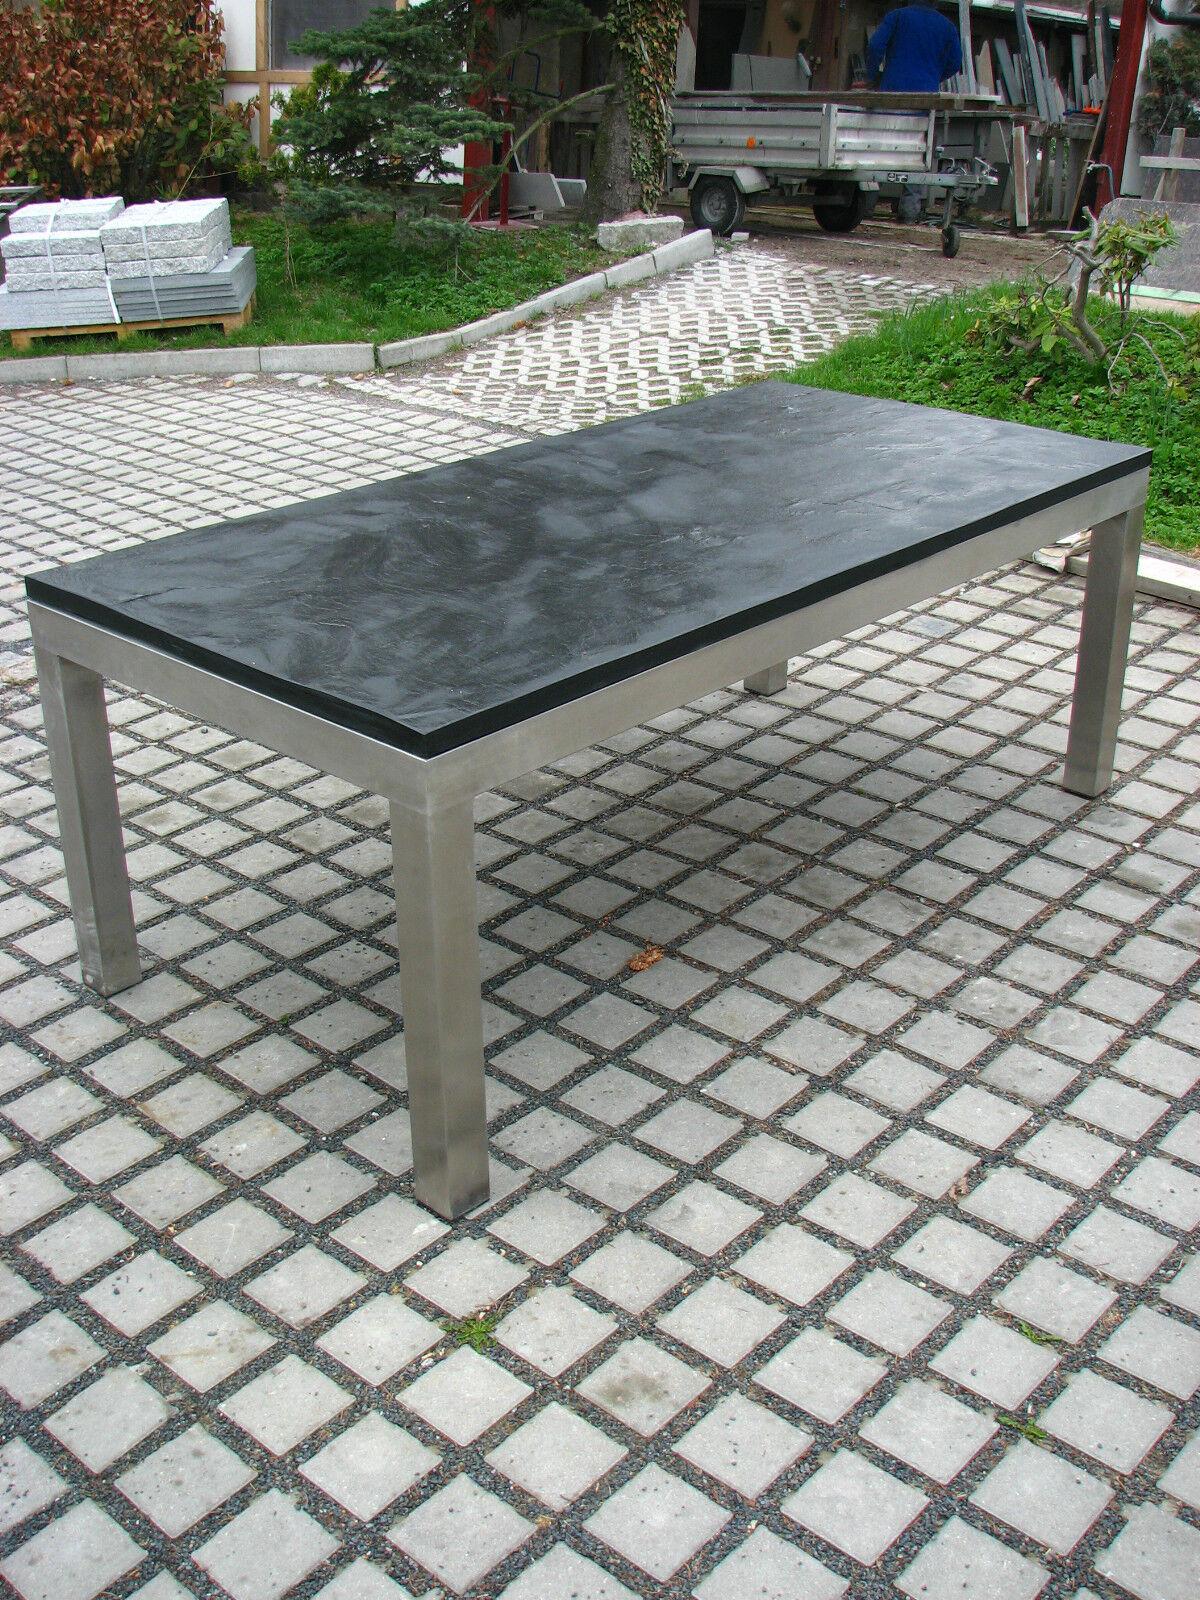 Gartentisch Outdoor-Tisch Esstisch mit Schieferplatte schwarz 180x90 +Edelstahl